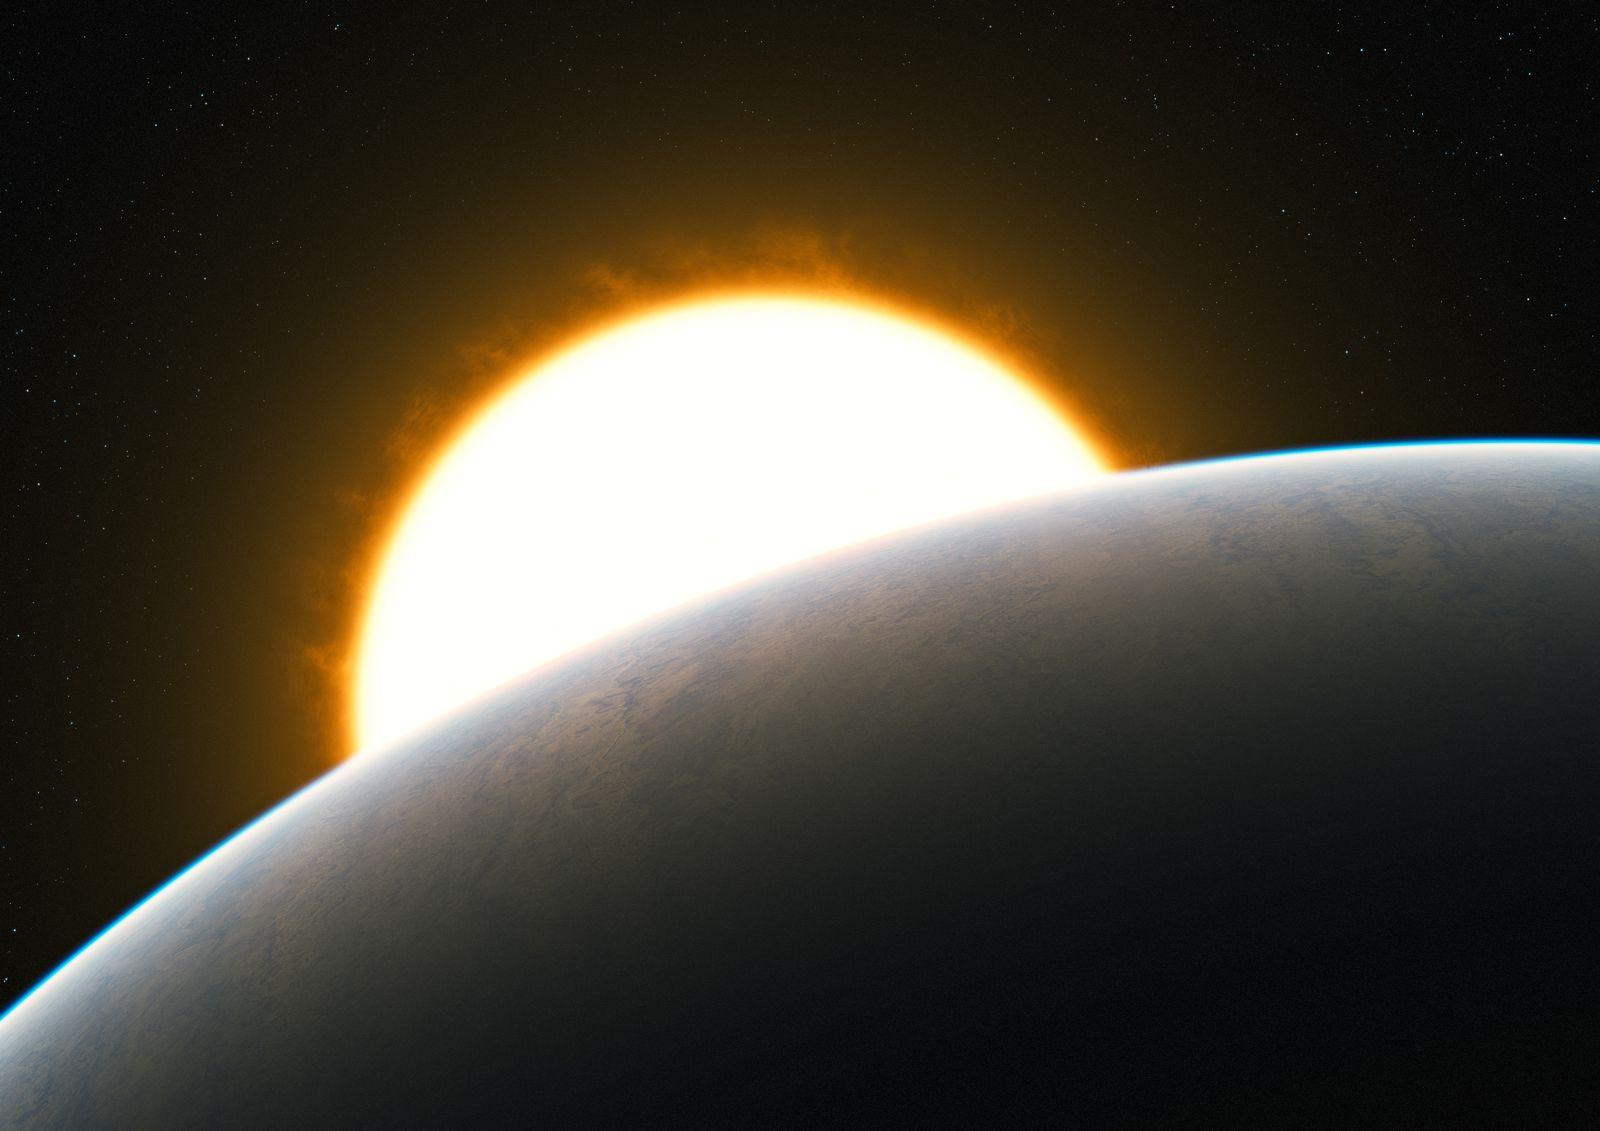 NICHT VERWENDEN EINMALIGE VERWENDUNG Supersturm / Exoplaneten